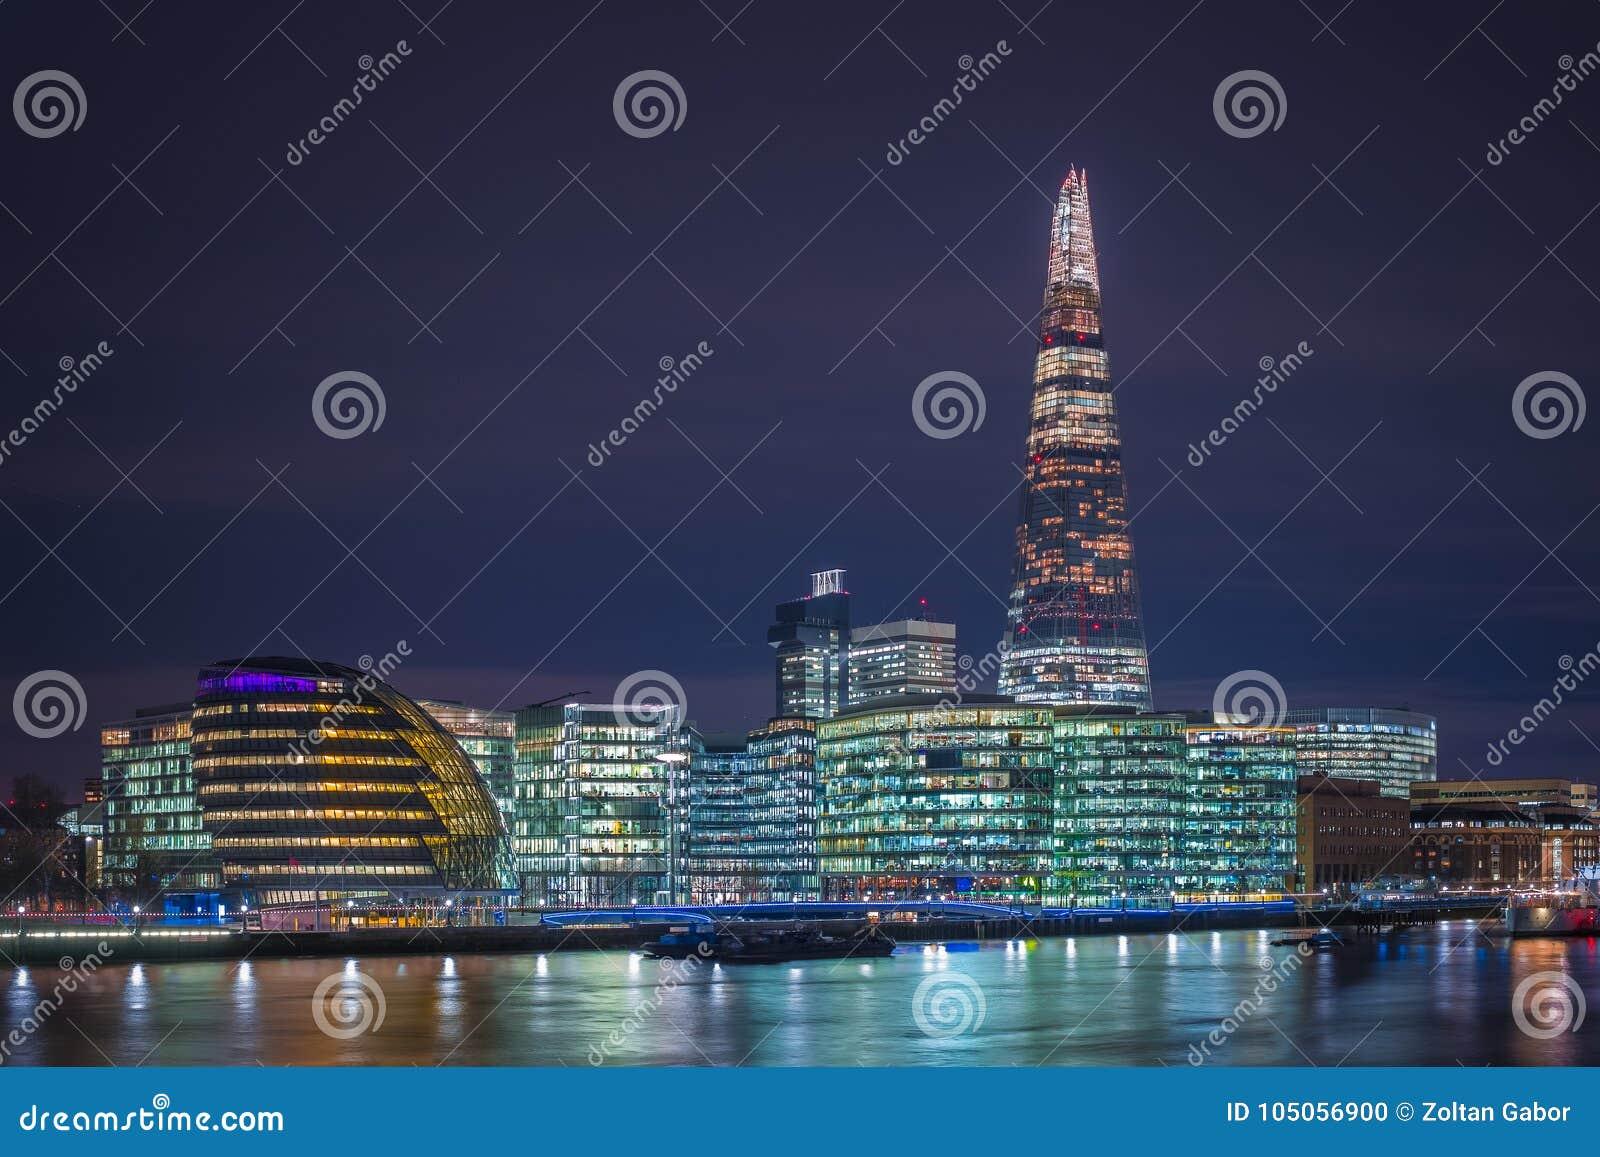 Лондон, Англия - здание муниципалитет Лондона и офисы с известным небоскребом черепка к ноча